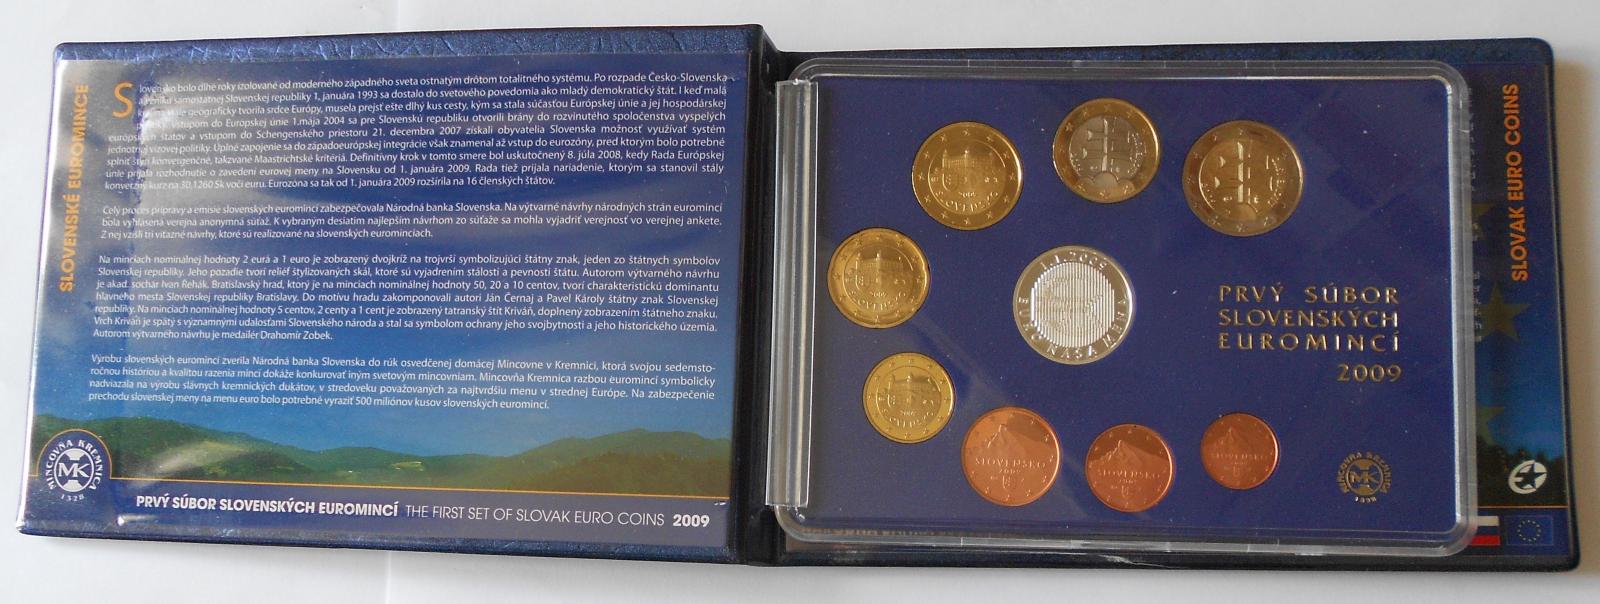 Slovensko Sada 1 Soubor euromincí 2009